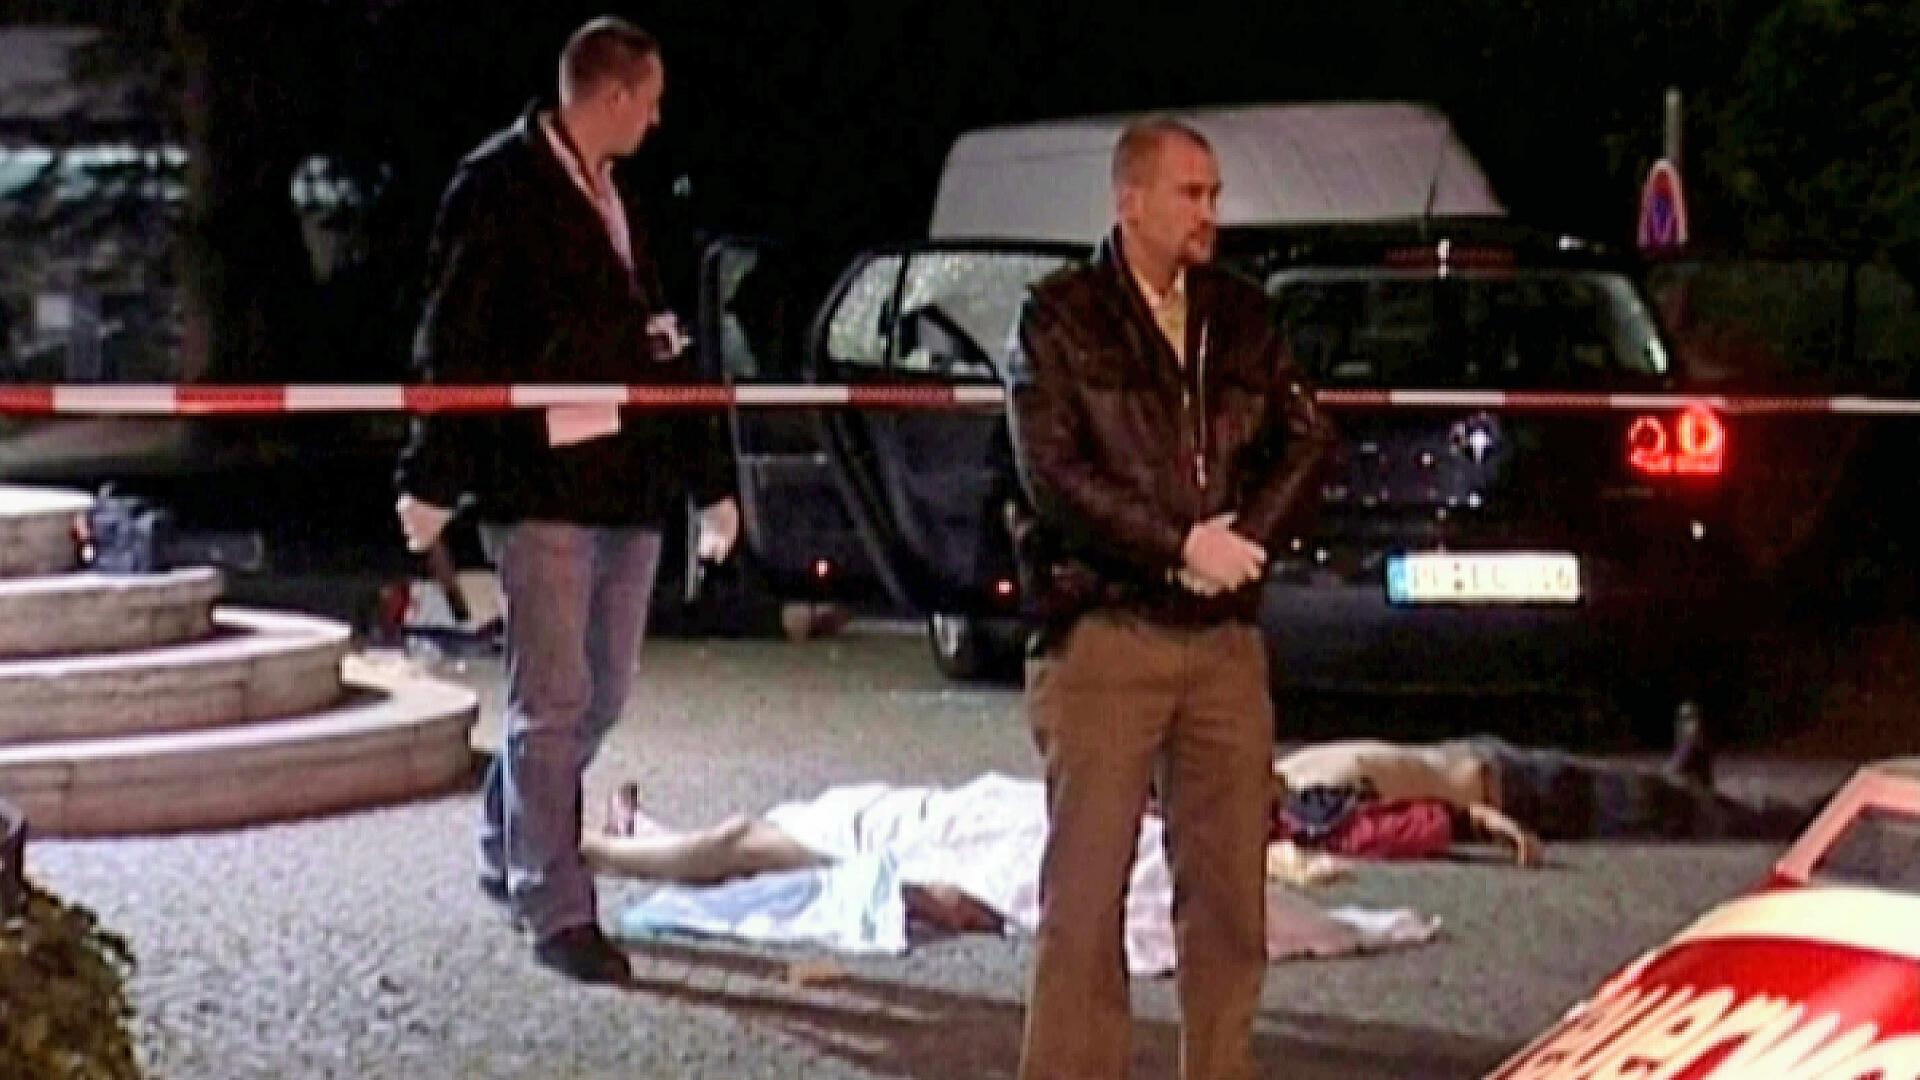 mafia_meurtre_Allemagne - 2007 - ndrangheta - mafia calabraise